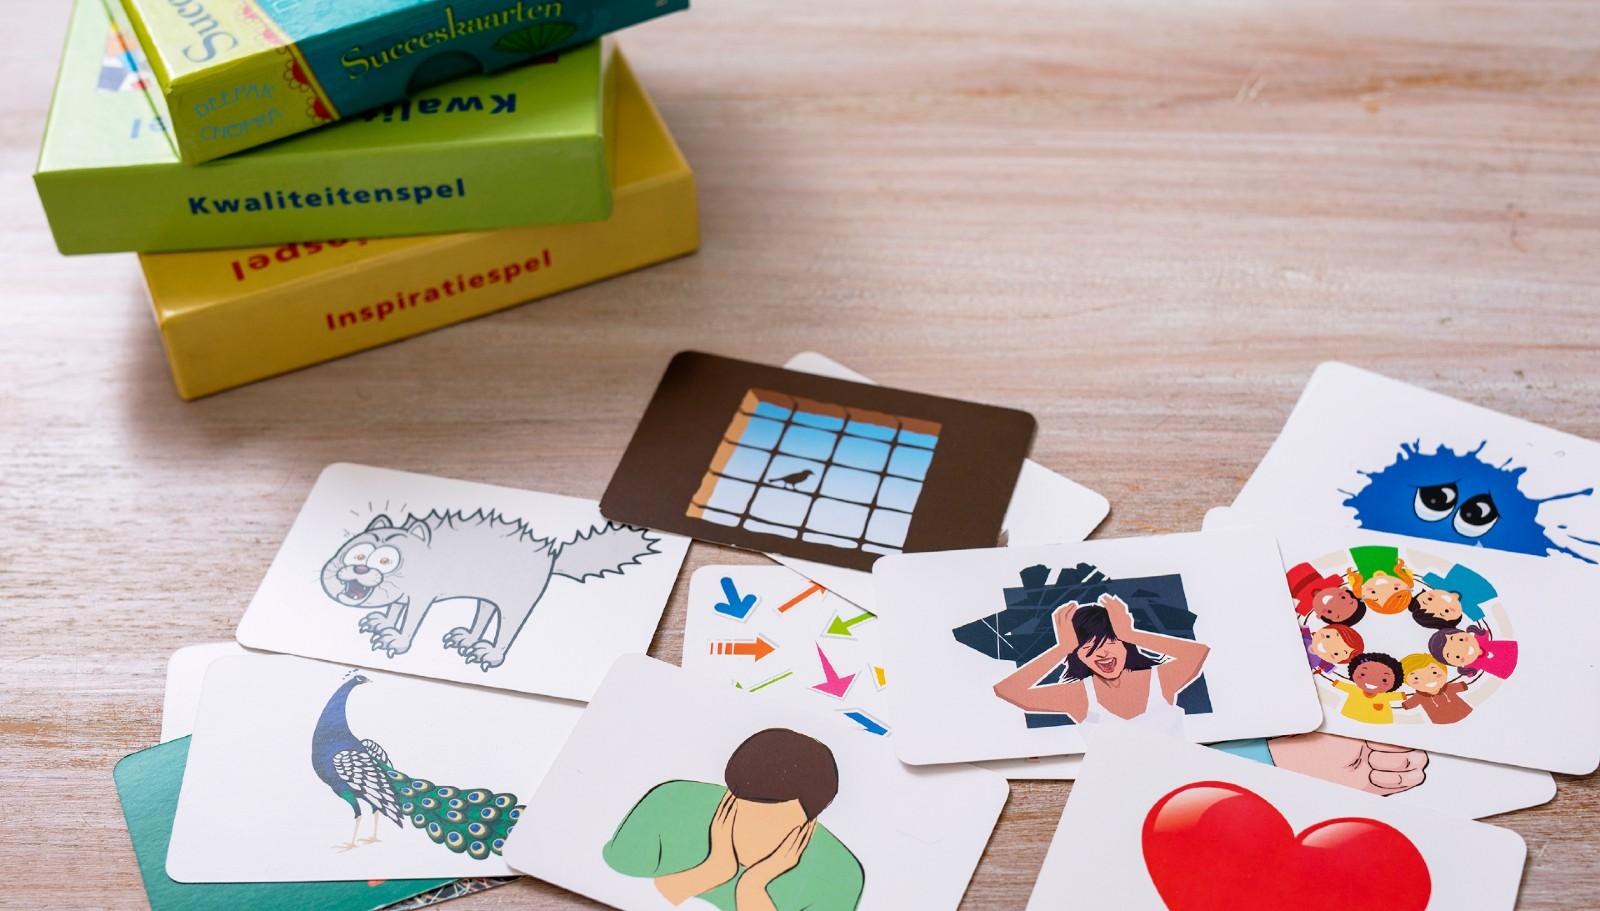 Spel kaarten met afbeeldingen van stress uitingen